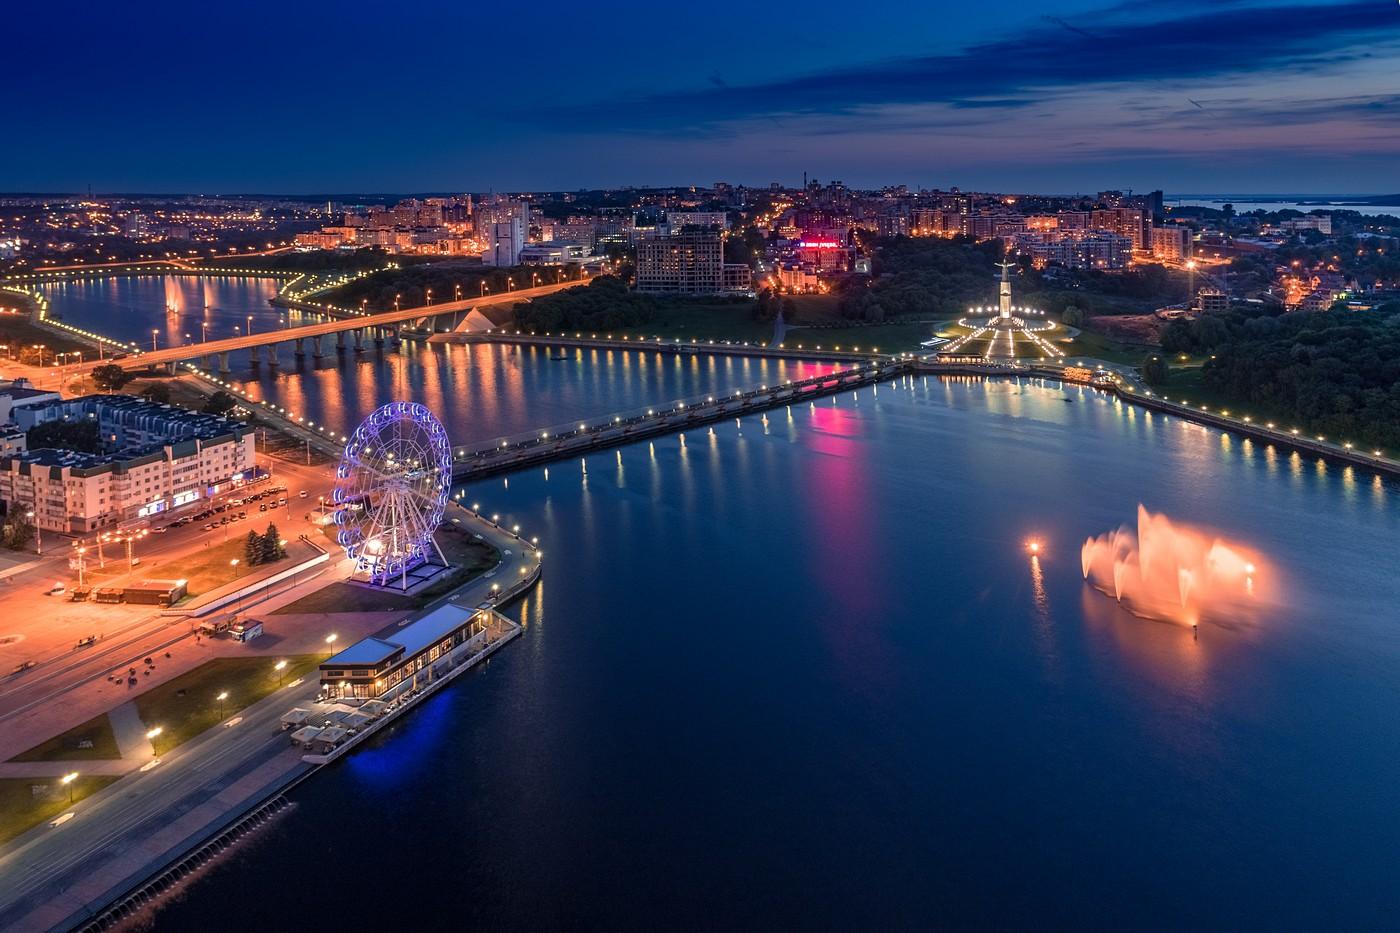 Картинки чебоксарского залива